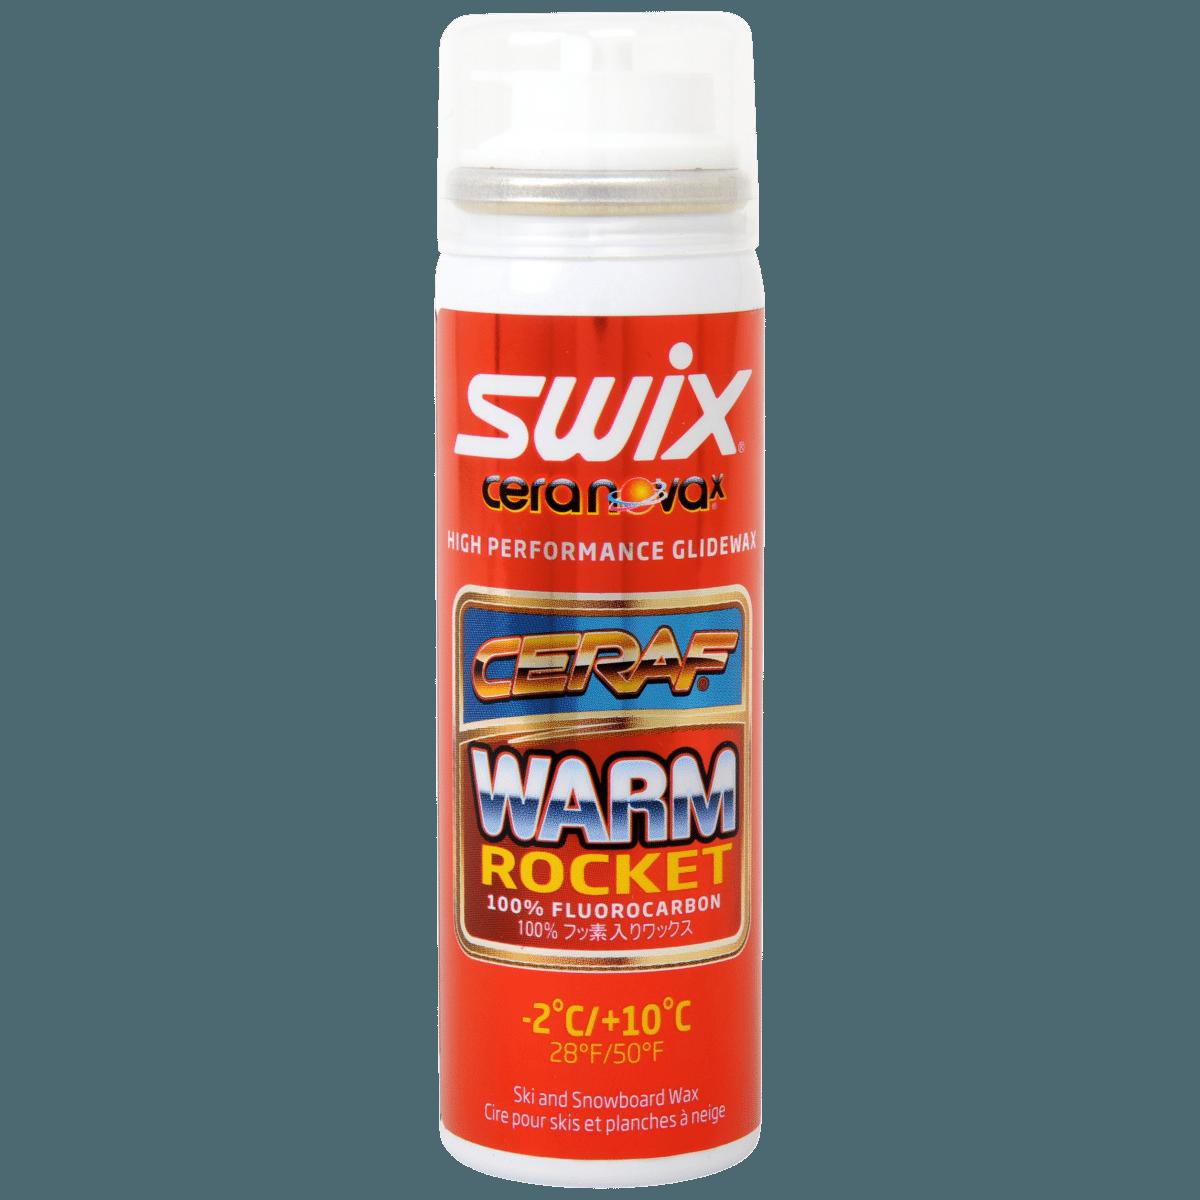 Swix Cera F Rocket spray FC8AC -2 - +10 C